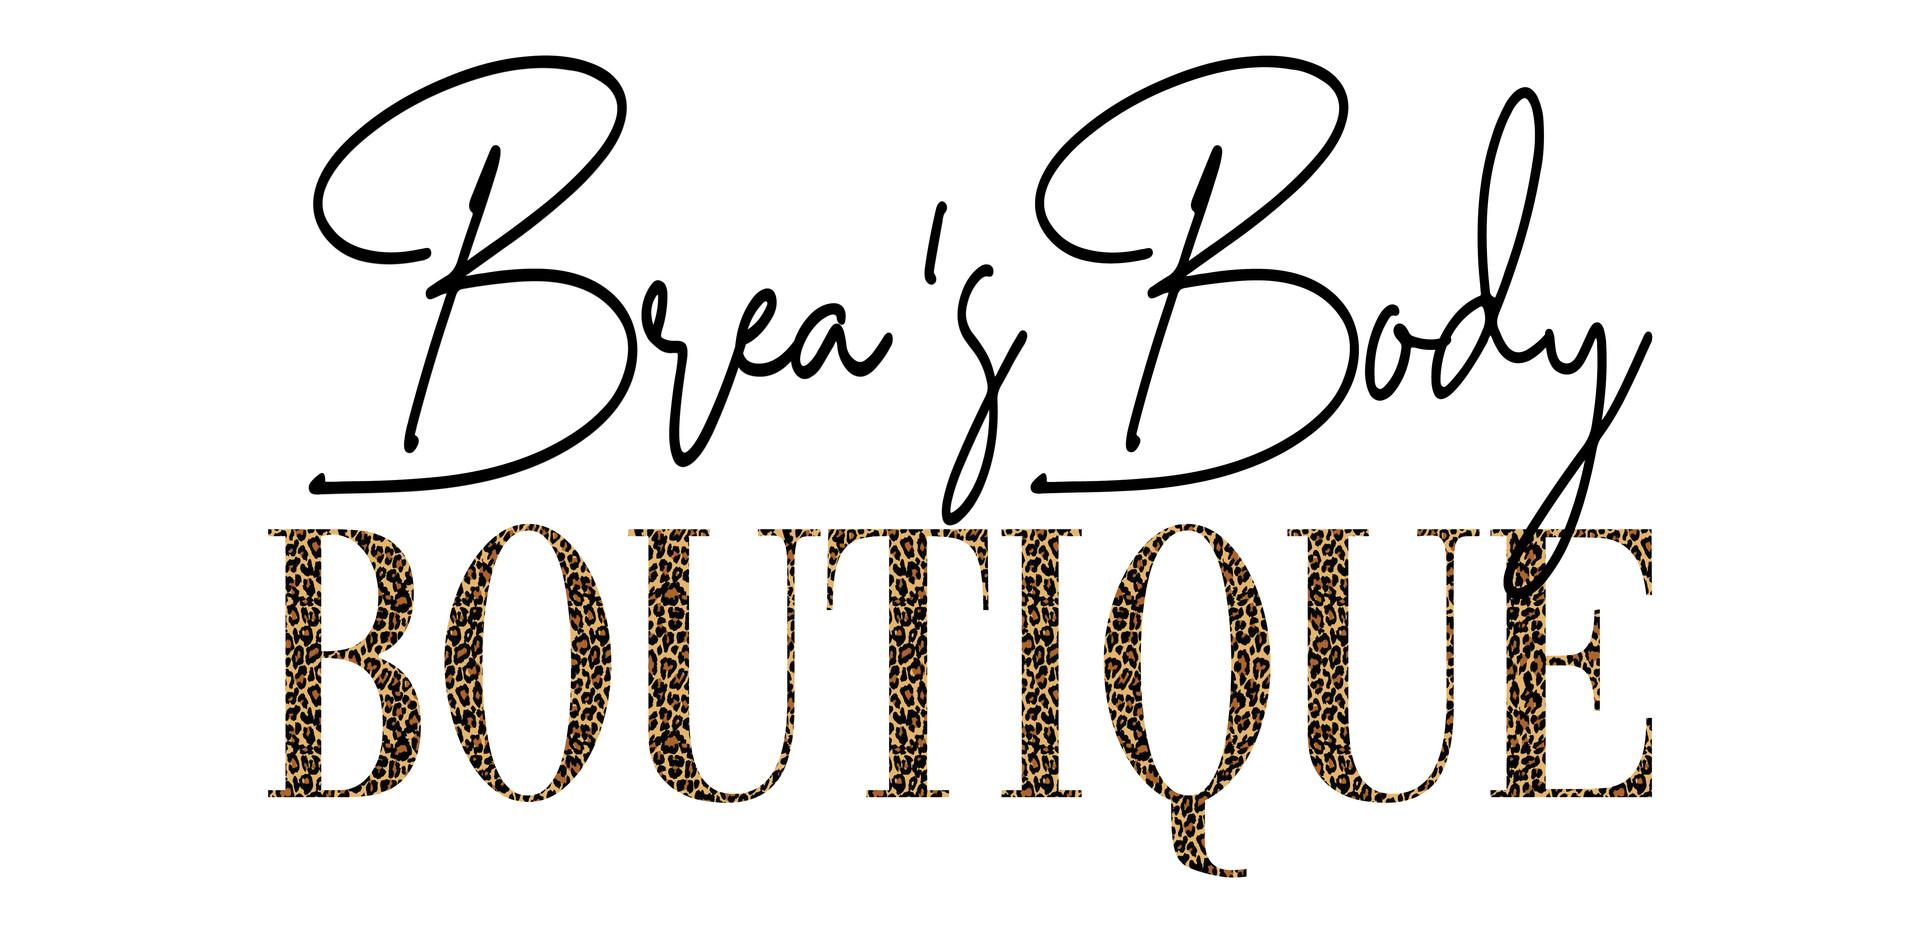 Brea's Body Boutique